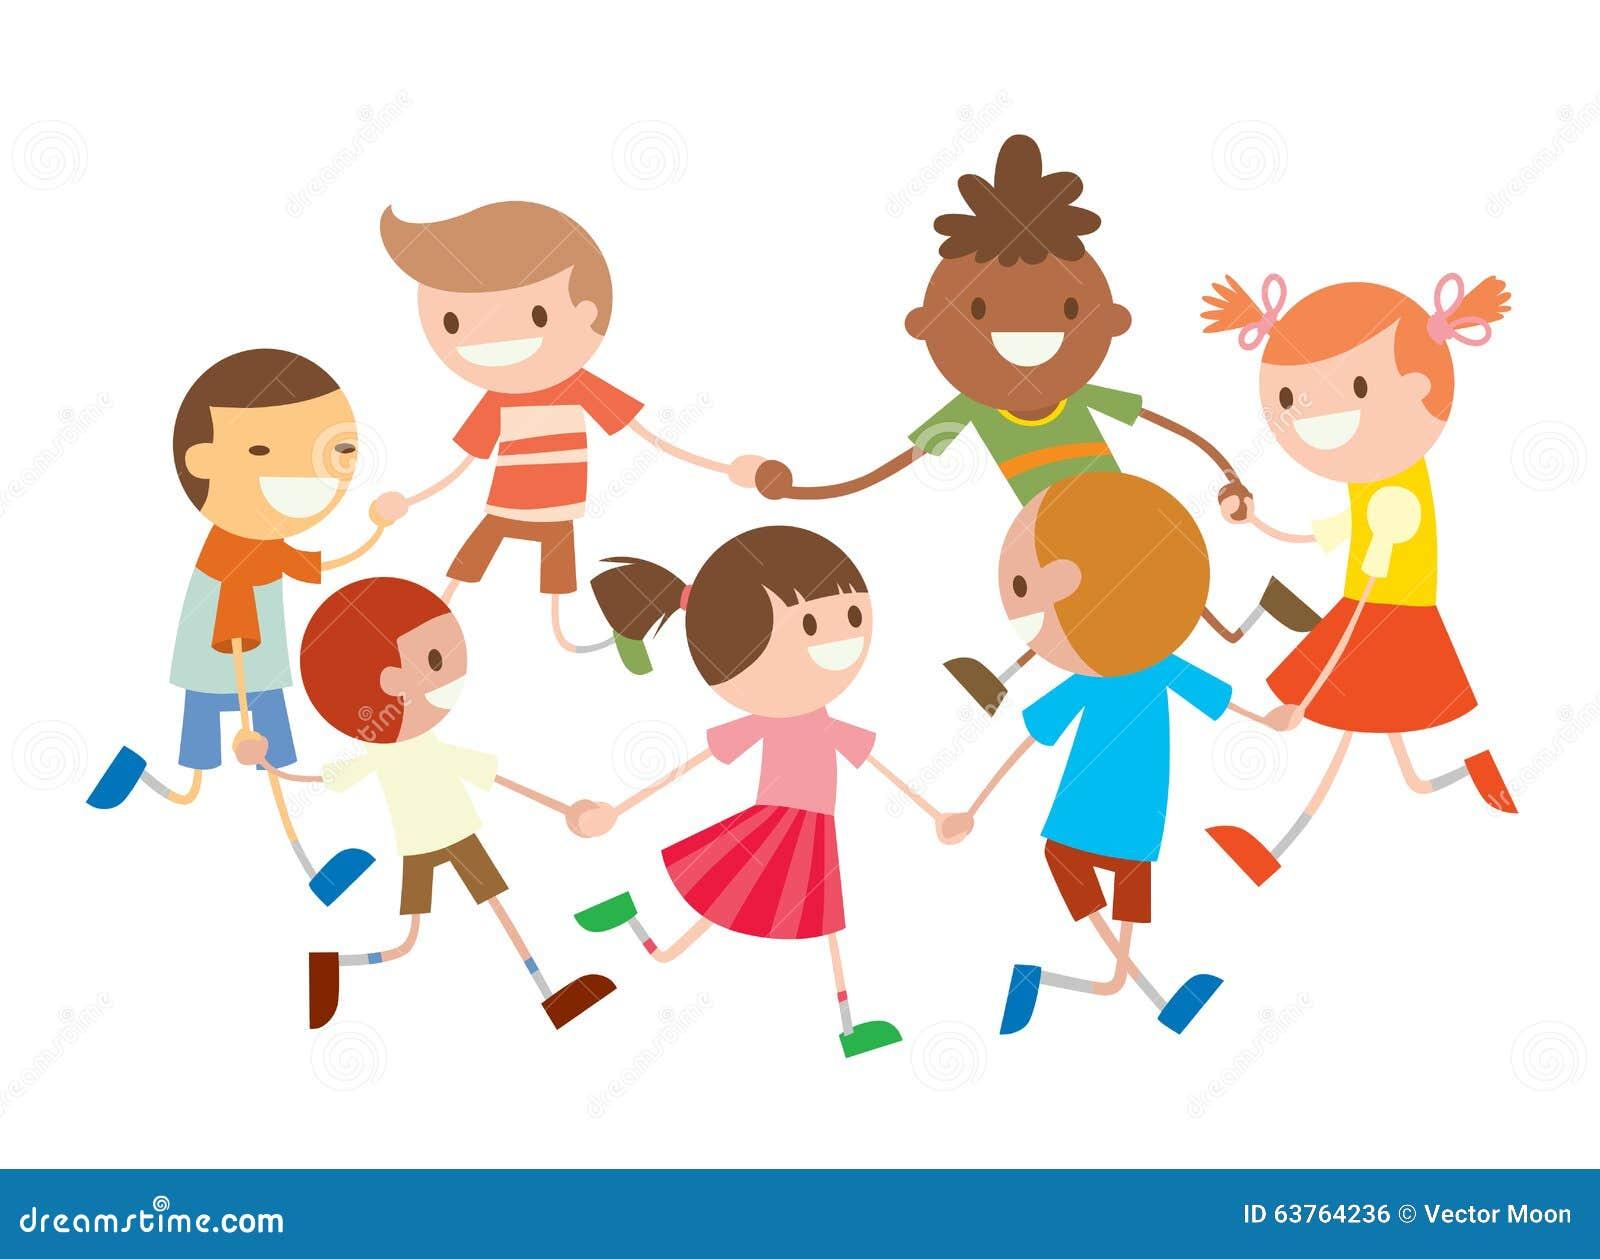 kinderen om het dansen partijdans in babyclub vector